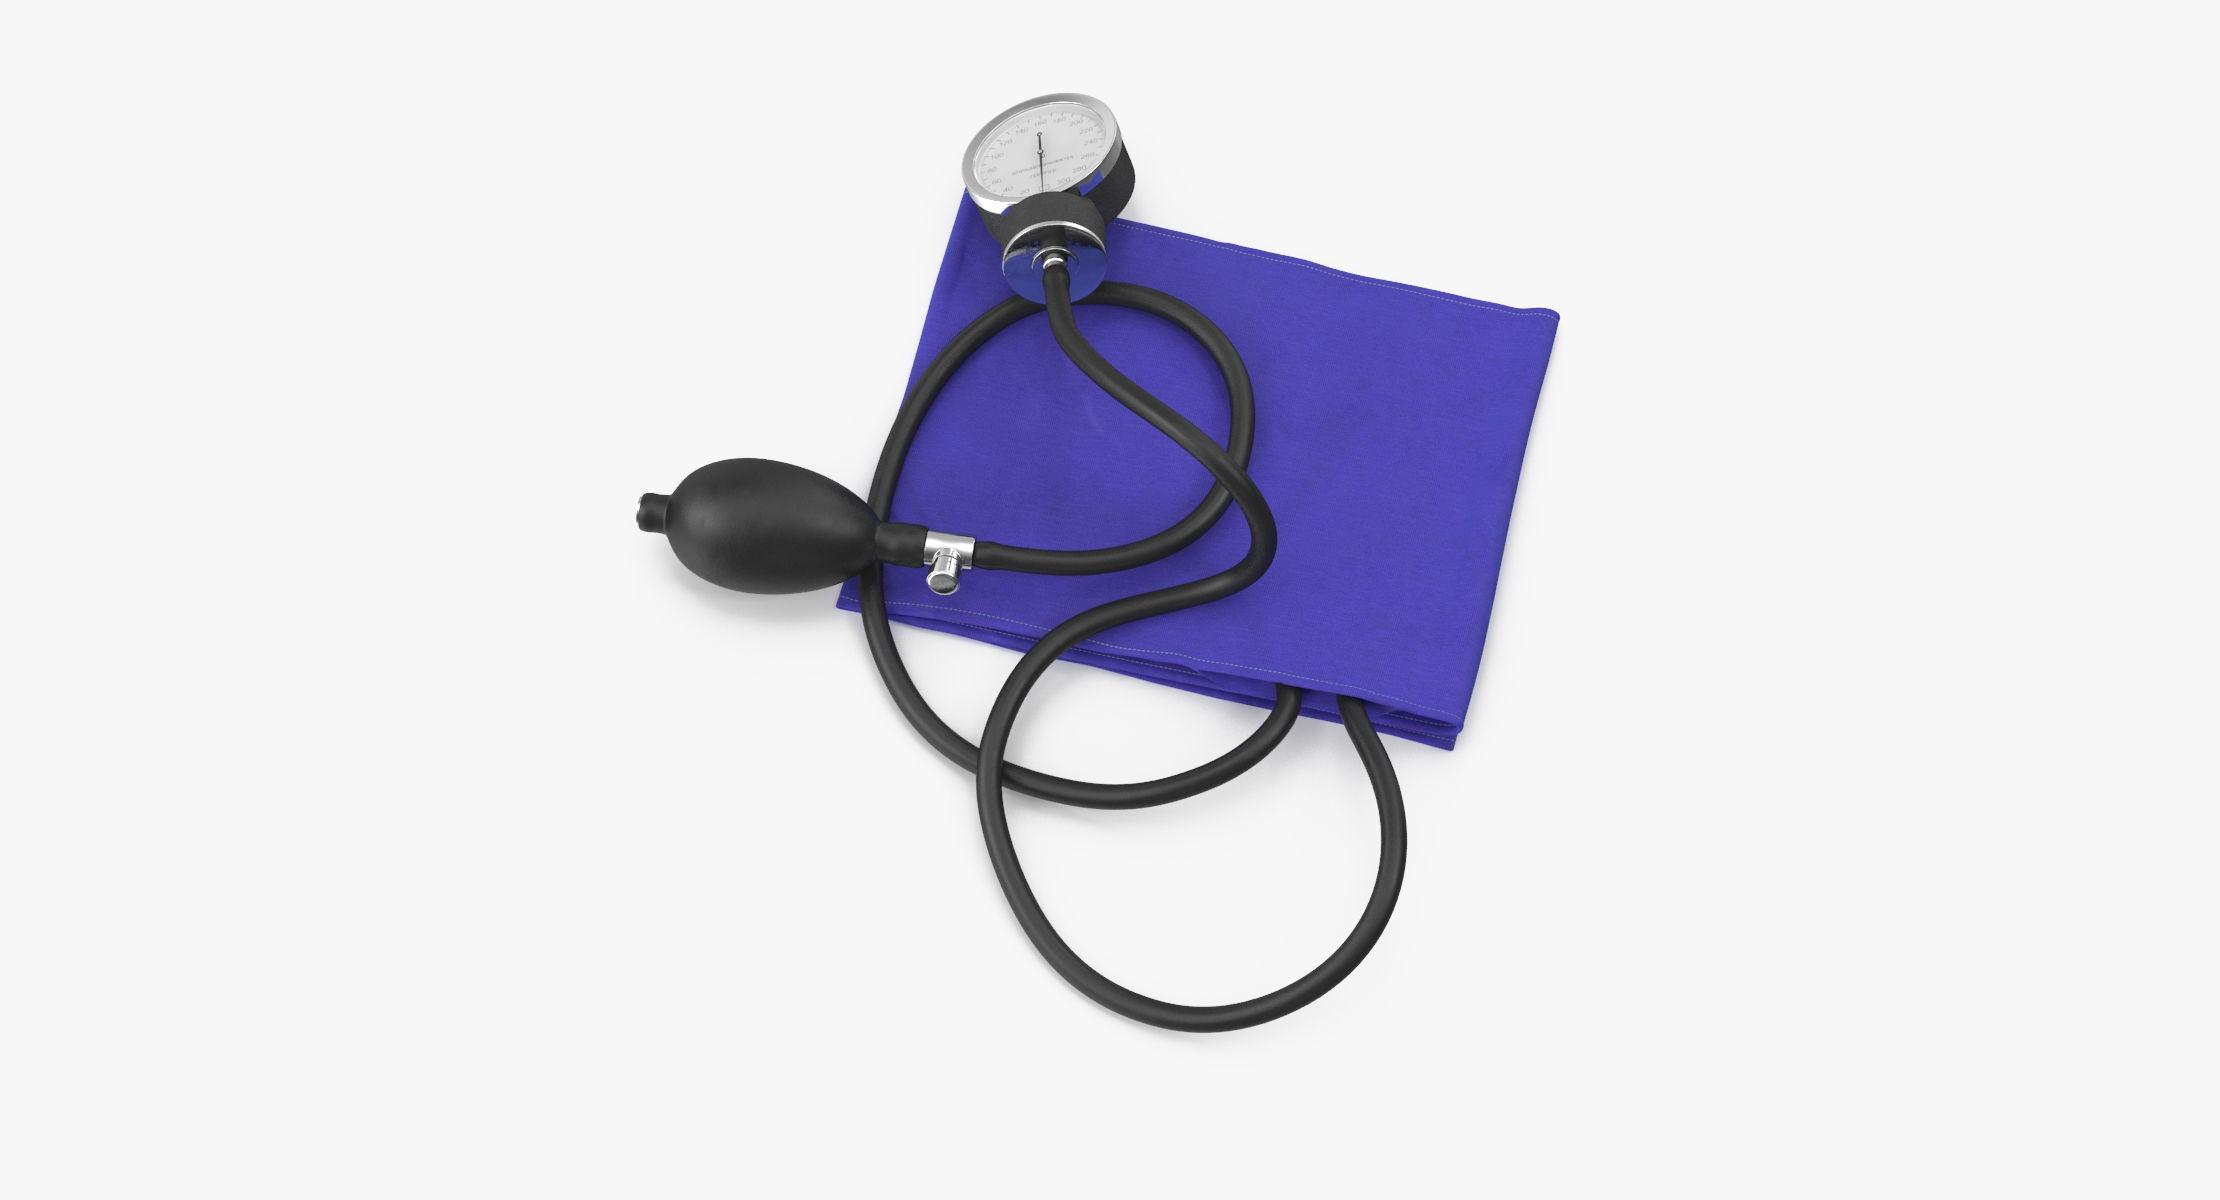 Blood Pressure Monitor - reel 1